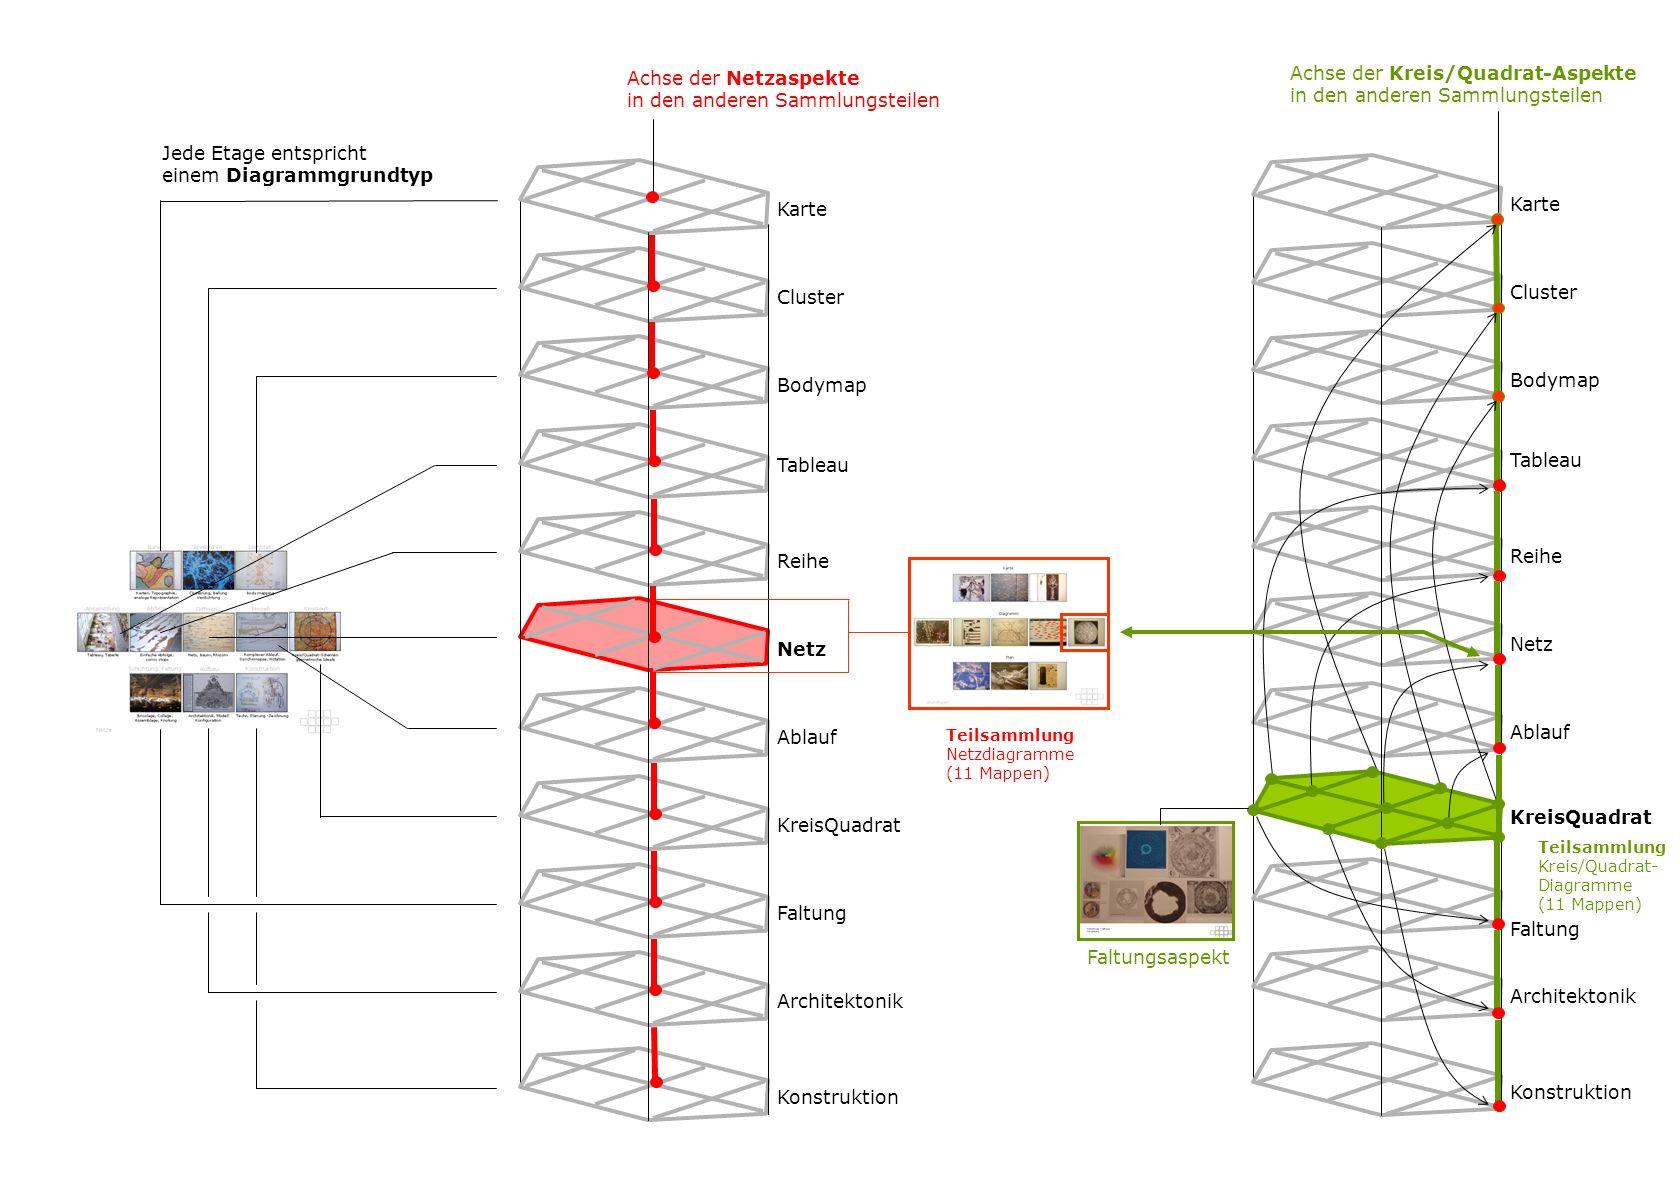 Karte Cluster Bodymap Tableau Reihe Netz Ablauf KreisQuadrat Faltung Architektonik Konstruktion Teilsammlung Netzdiagramme (11 Mappen) Achse der Netzaspekte in den anderen Sammlungsteilen Karte Cluster Bodymap Tableau Reihe Netz Ablauf KreisQuadrat Faltung Architektonik Konstruktion Teilsammlung Kreis/Quadrat- Diagramme (11 Mappen) Achse der Kreis/Quadrat-Aspekte in den anderen Sammlungsteilen Jede Etage entspricht einem Diagrammgrundtyp Faltungsaspekt